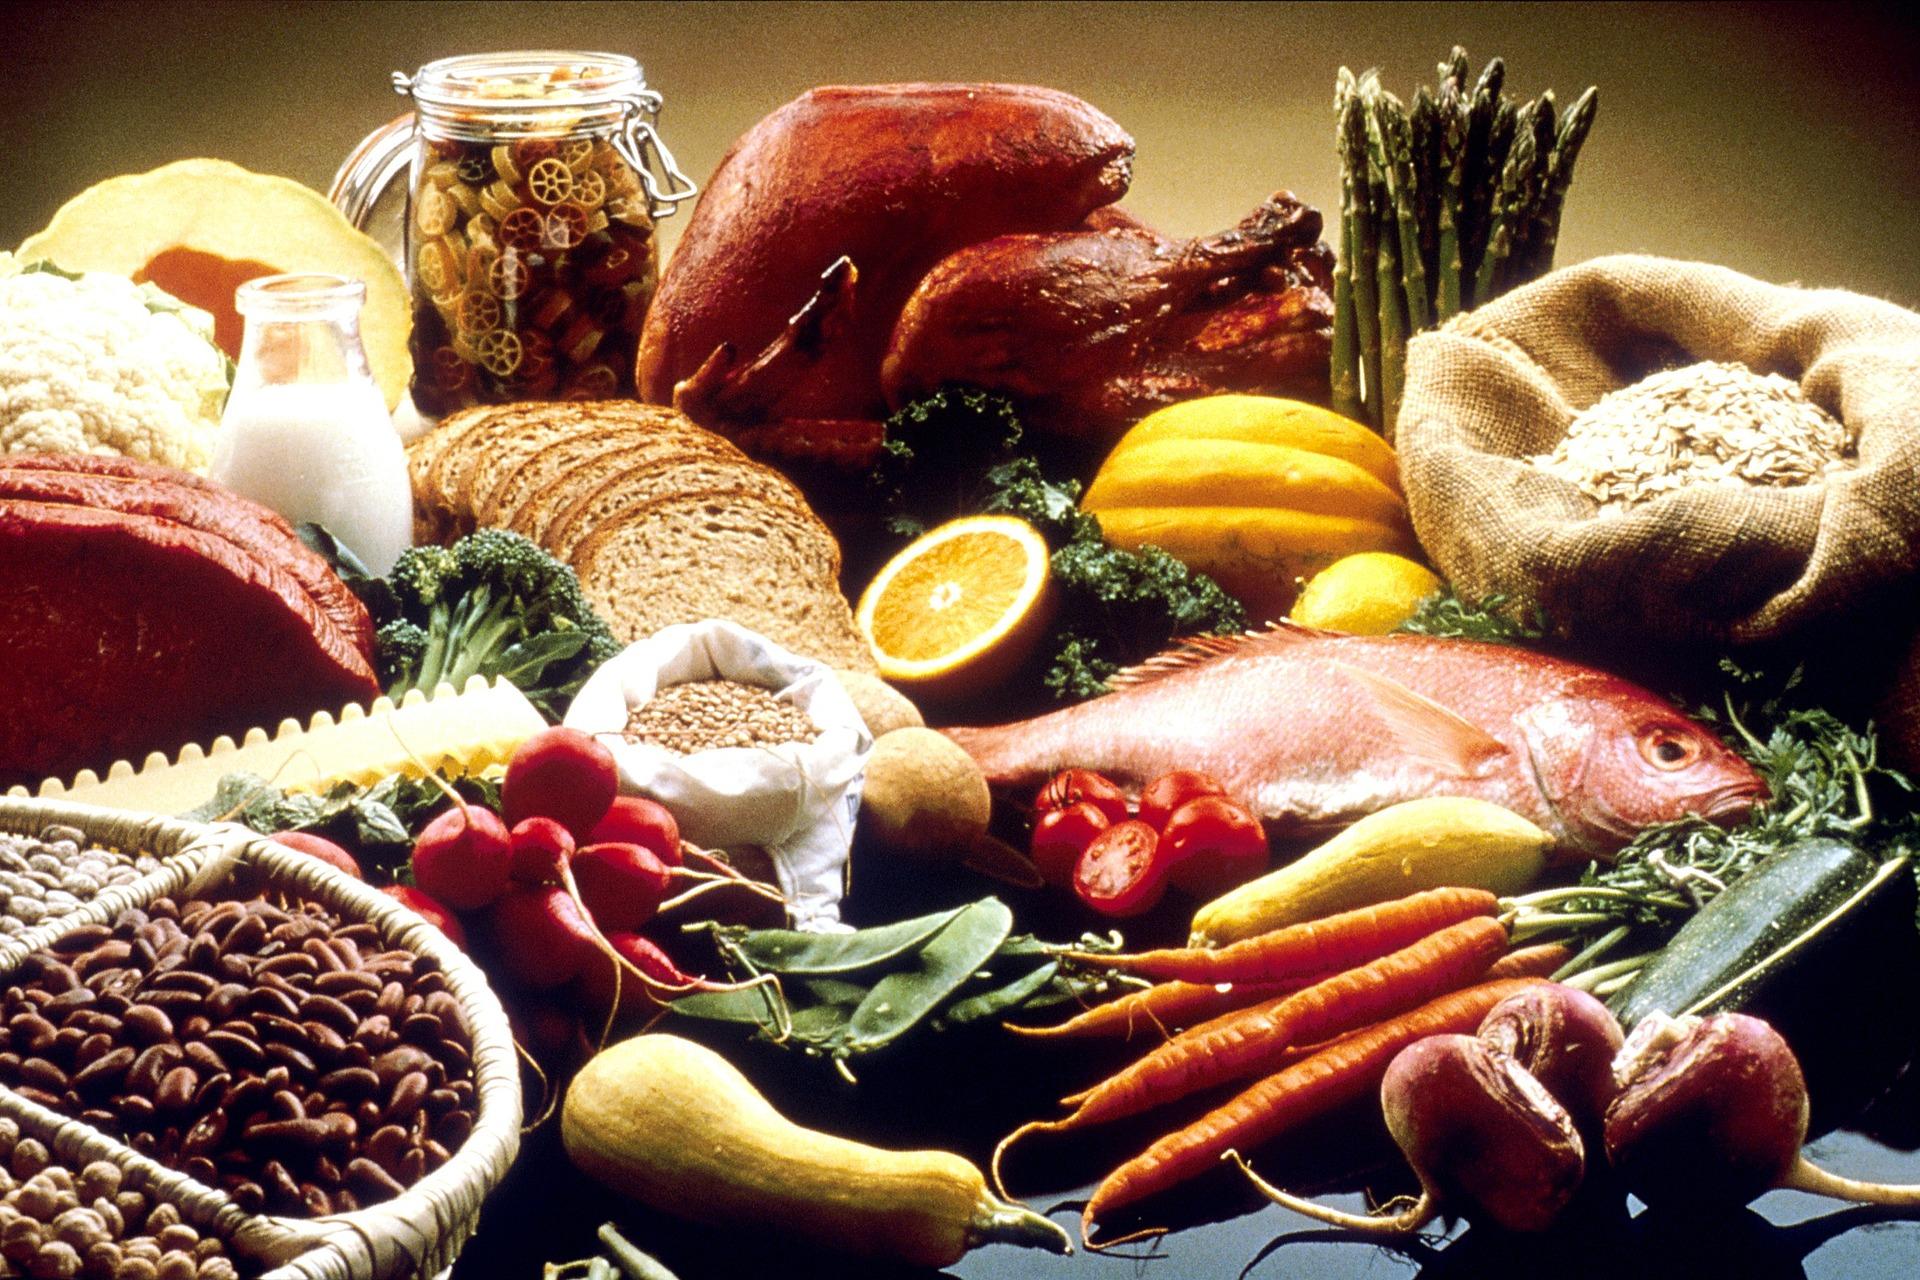 healthy-food-1348430_1920